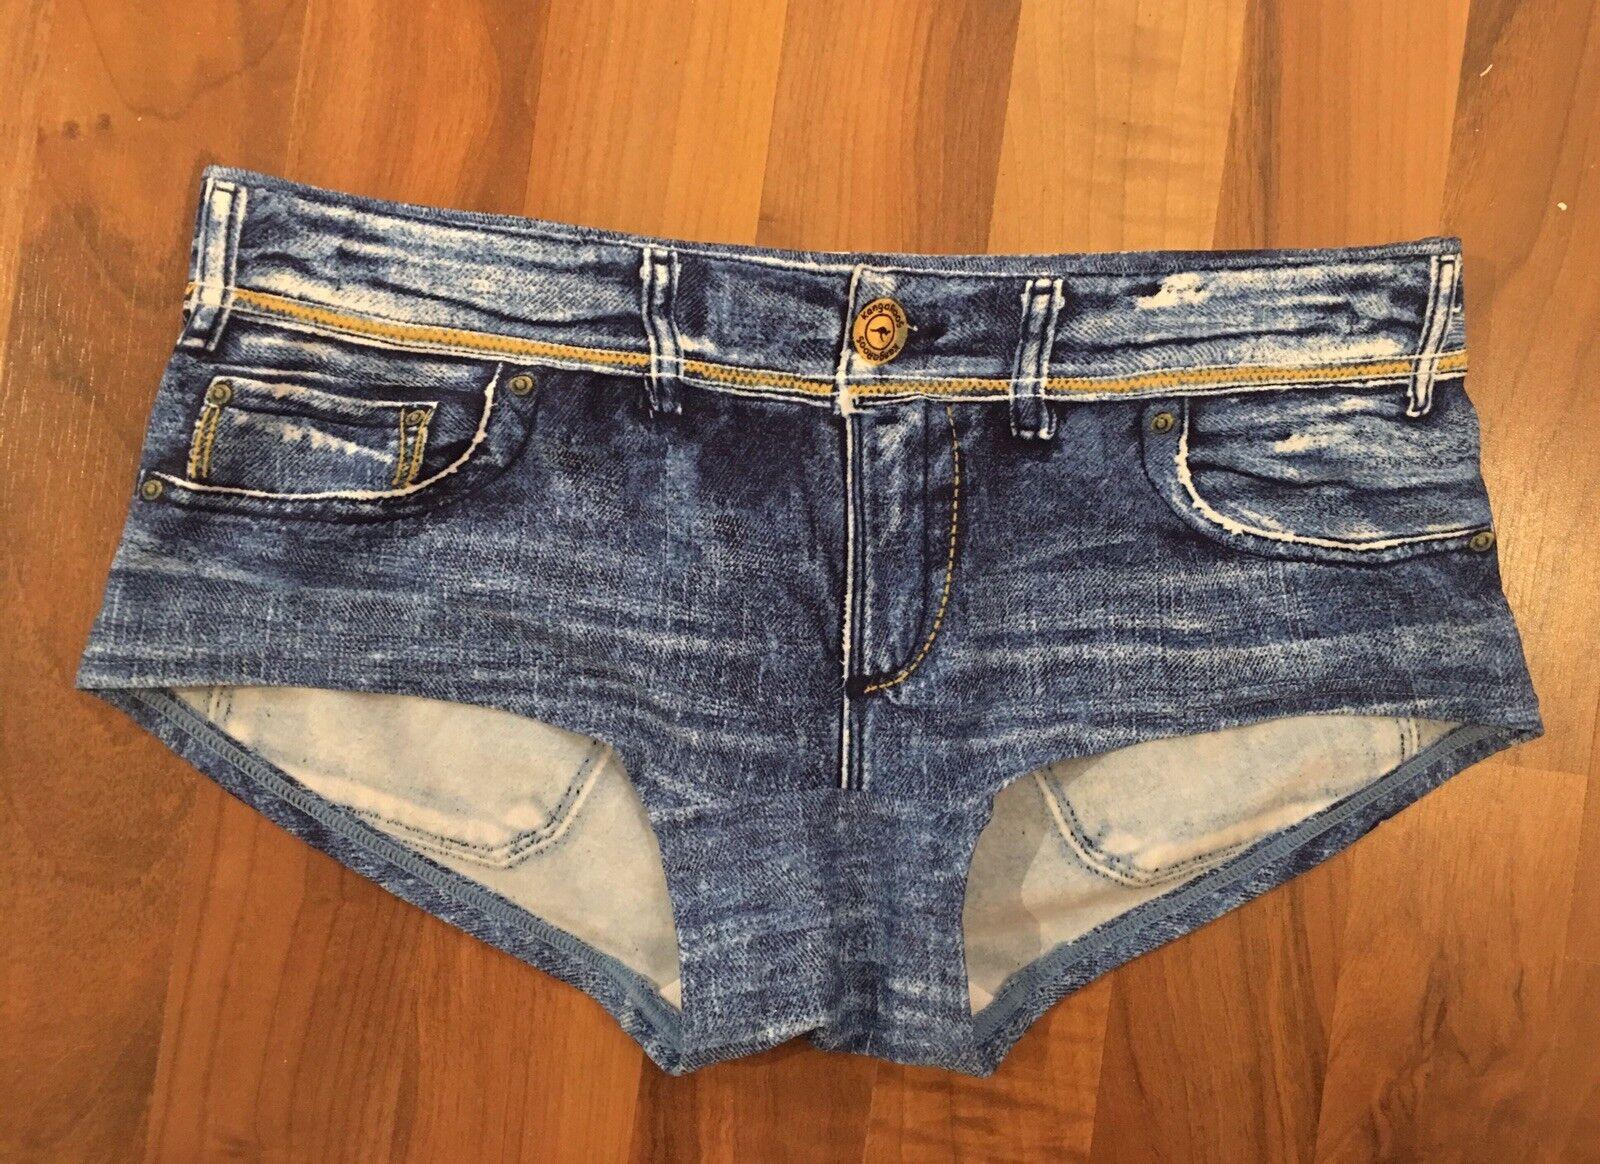 KangGoldos Jeans Hot Pants Pants Pants Swimwear Schwimmhose Blau Jeans Look Gr. XS 32 | Modern Und Elegant In Der Mode  | Am wirtschaftlichsten  | Authentisch  | Ausgezeichnetes Preis  | Spielzeugwelt, glücklich und grenzenlos  1e4239